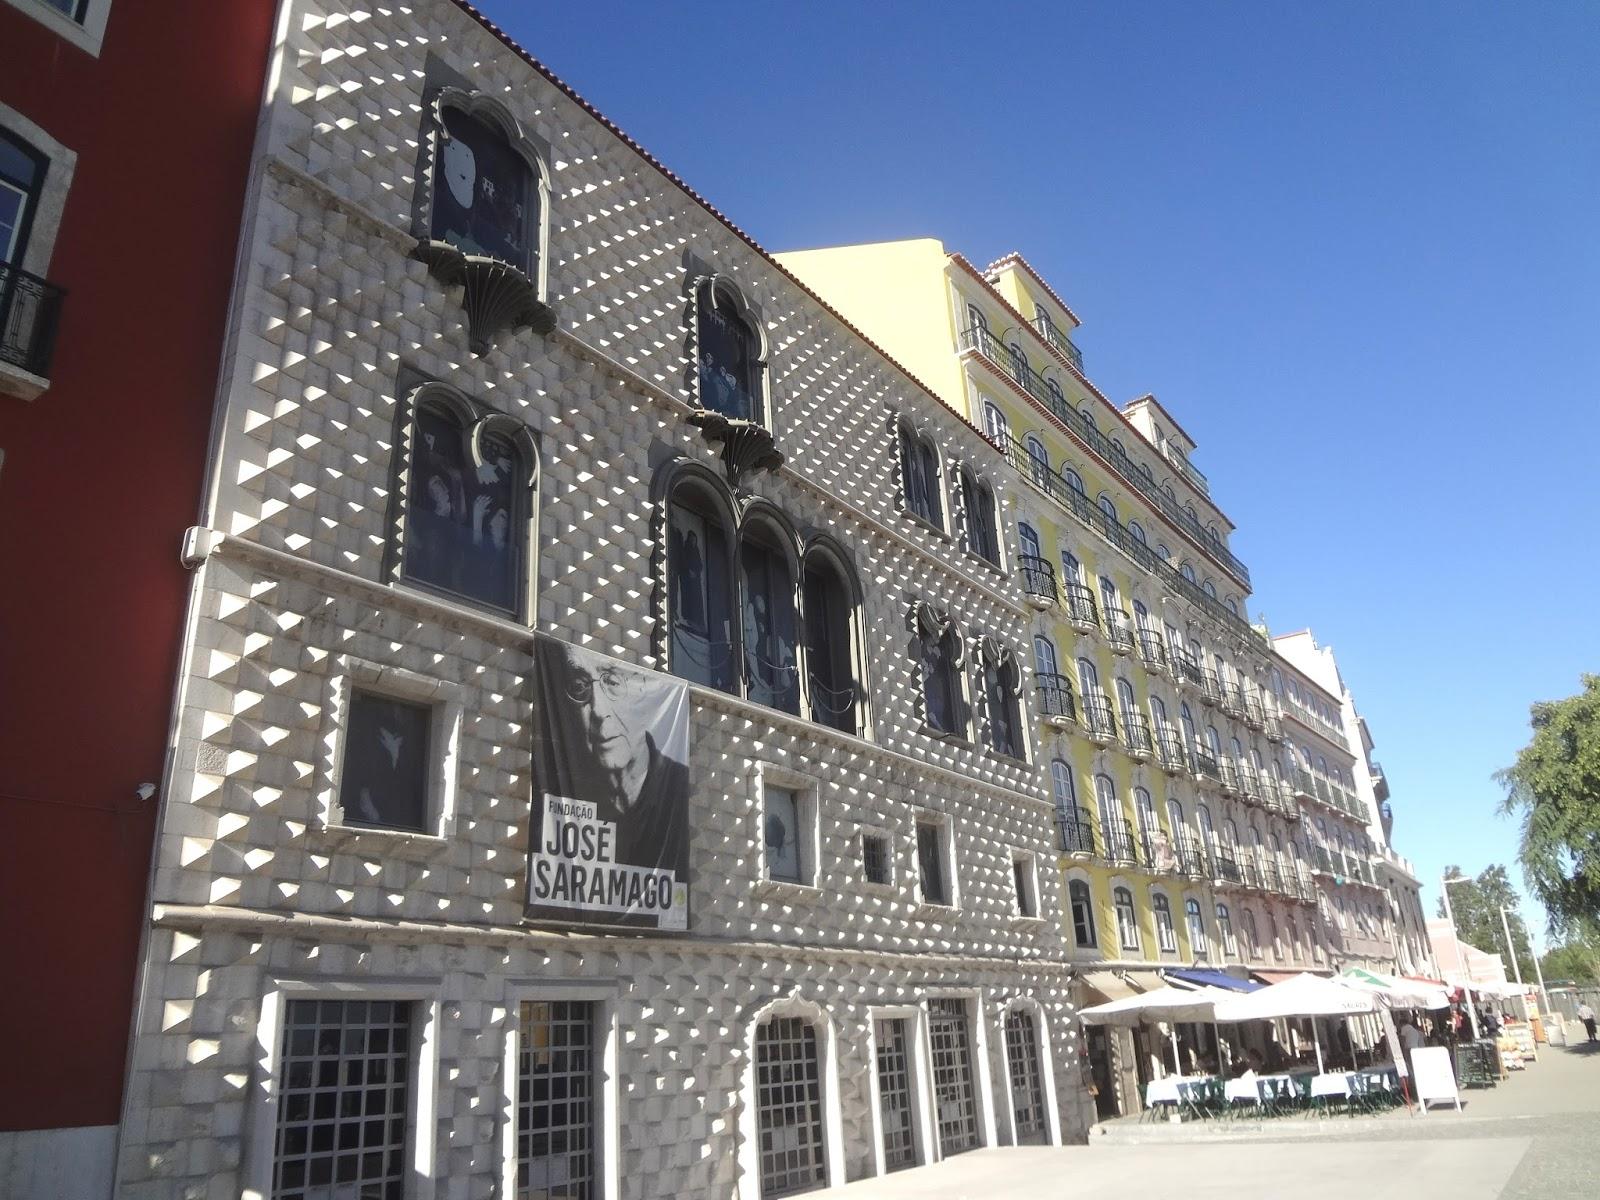 Andrea cdc lisbona tra architetture antiche e moderne for Case neoclassiche